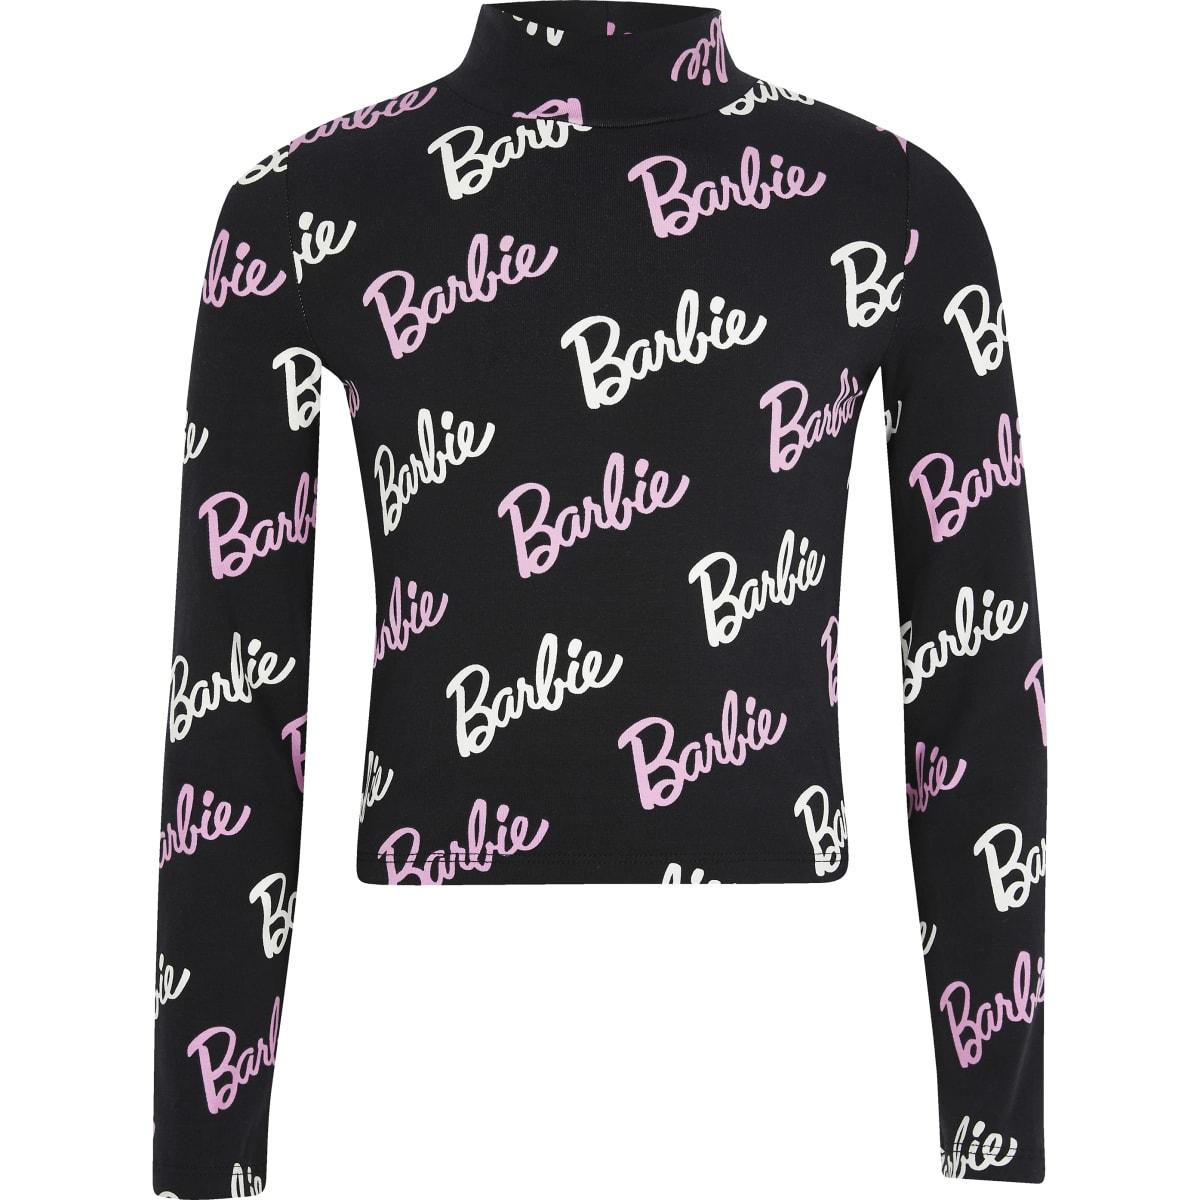 Barbie - Zwart hoogsluitend T-shirt voor meisjes